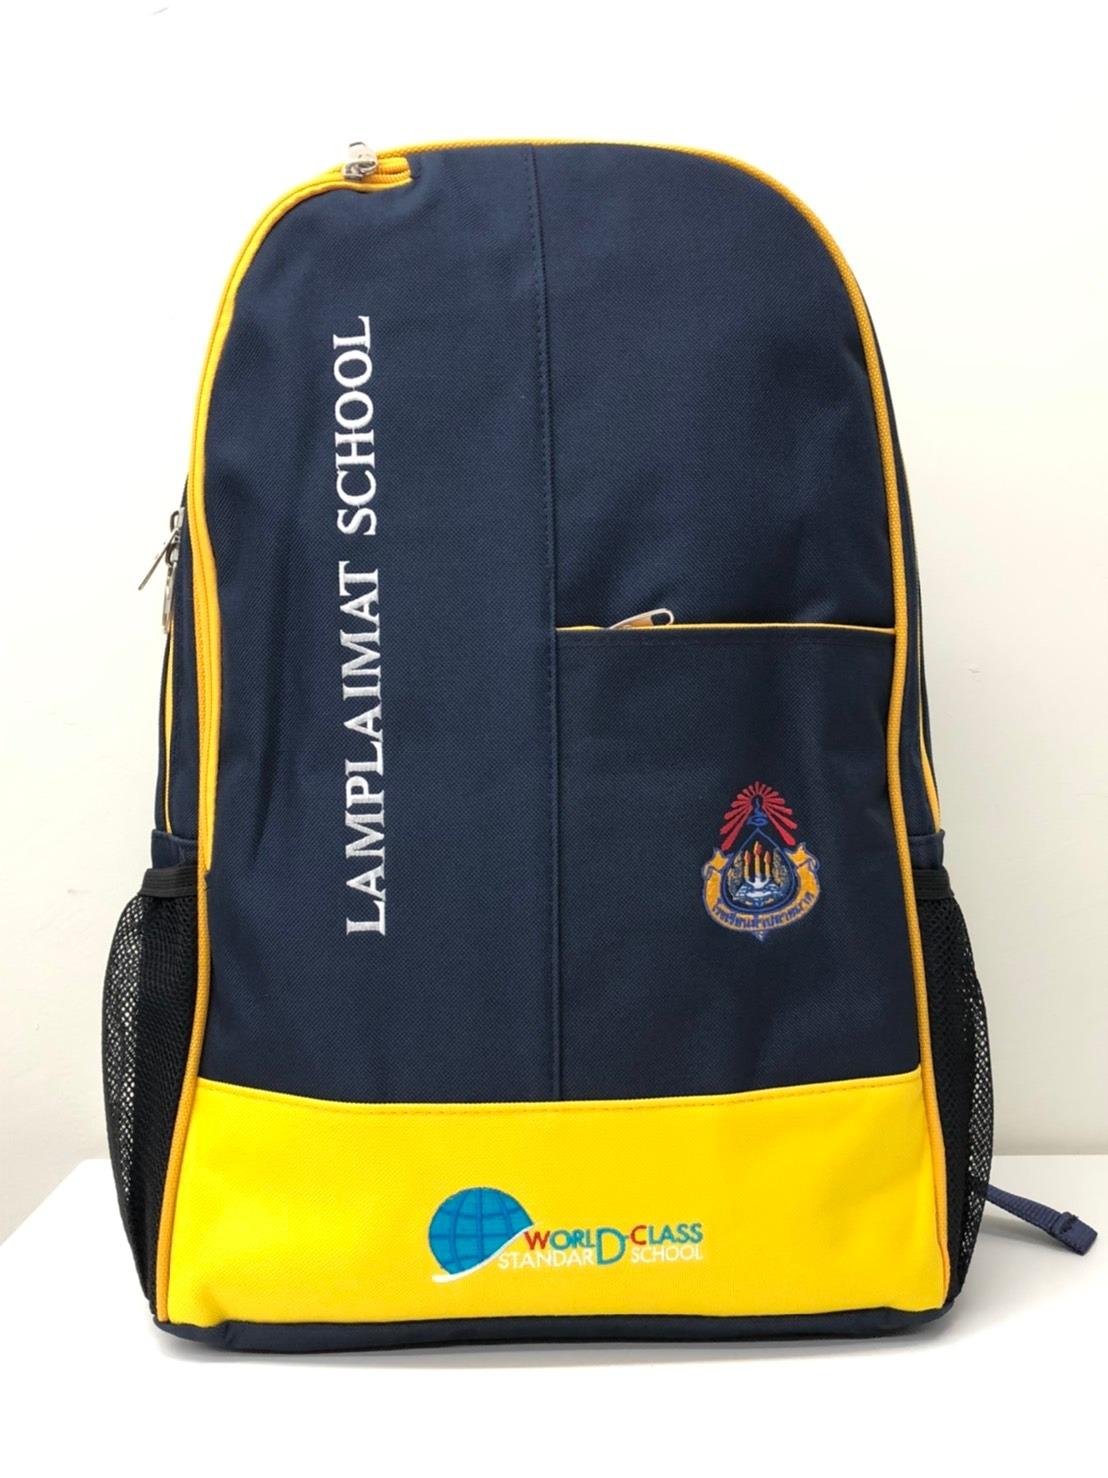 กระเป๋าเป้ เป้สะพายหลัง เป้นักเรียน BP 100